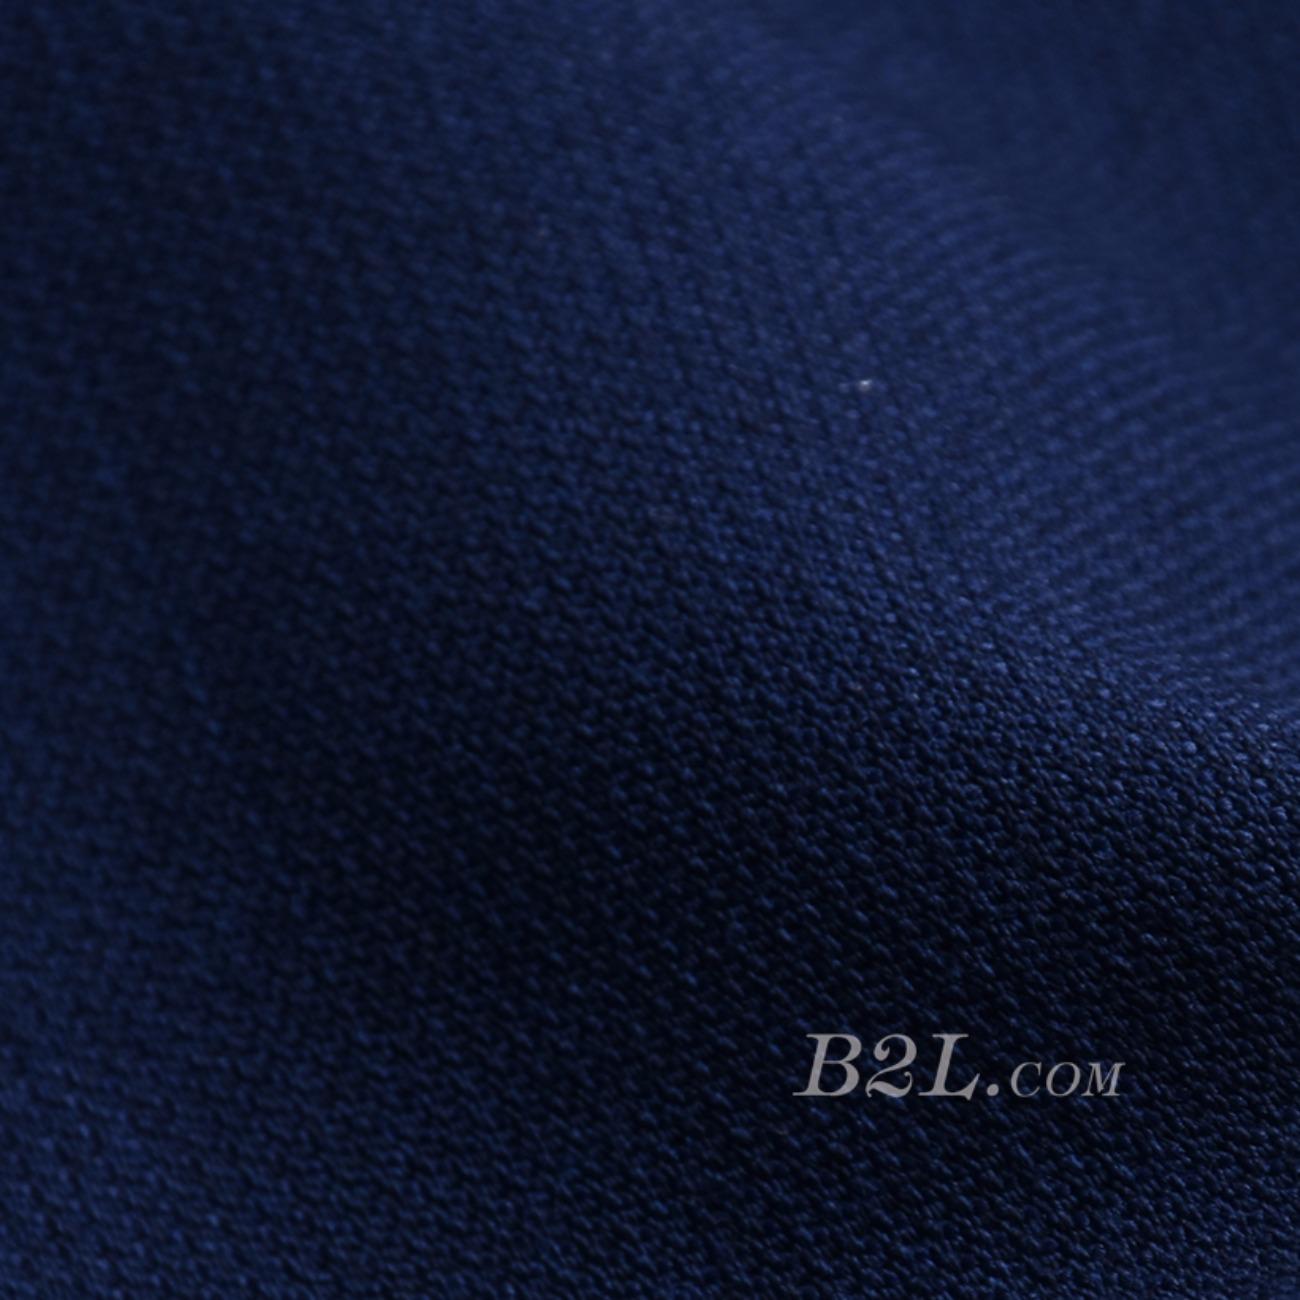 素色 低弹 染色 连衣裙 套装 外套 粗糙 女装 春秋 71112-32